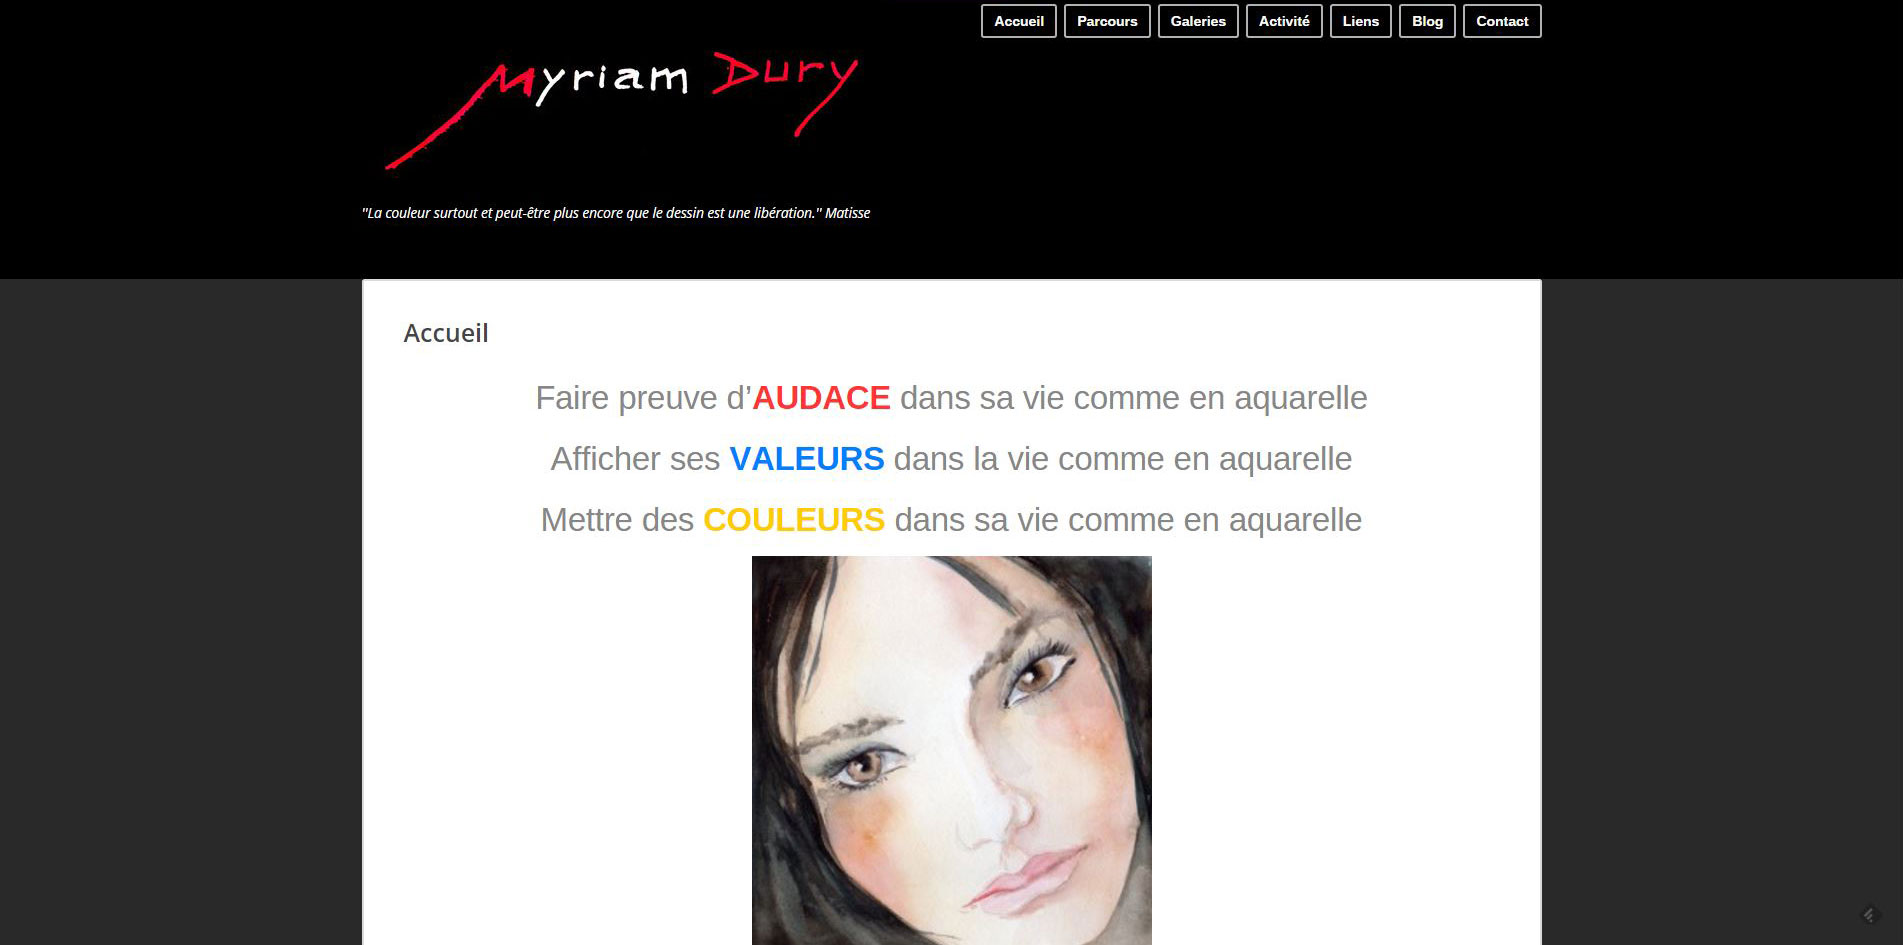 Myriam Dury - slider 1